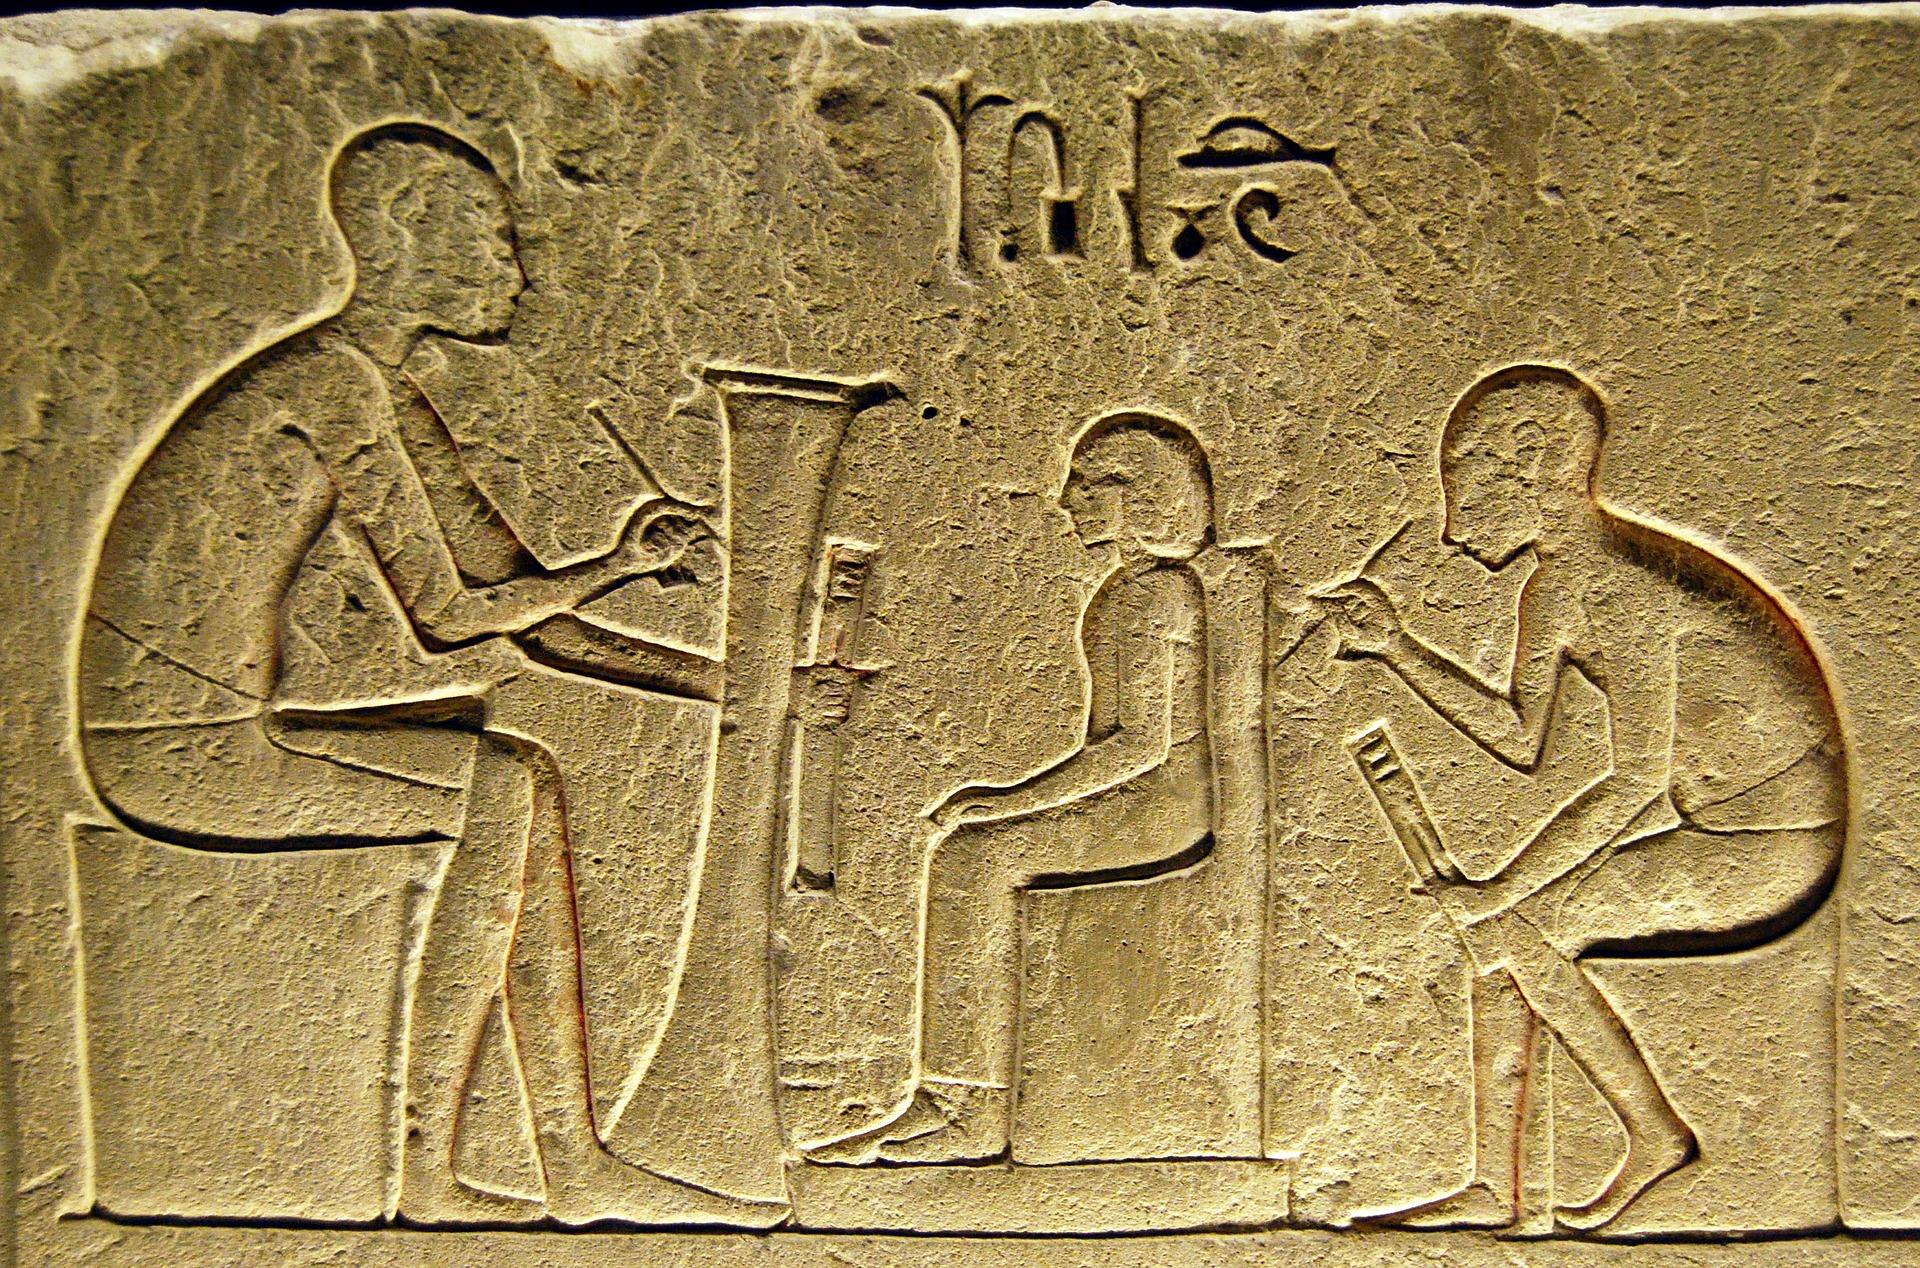 hieroglyphs-541146_1920